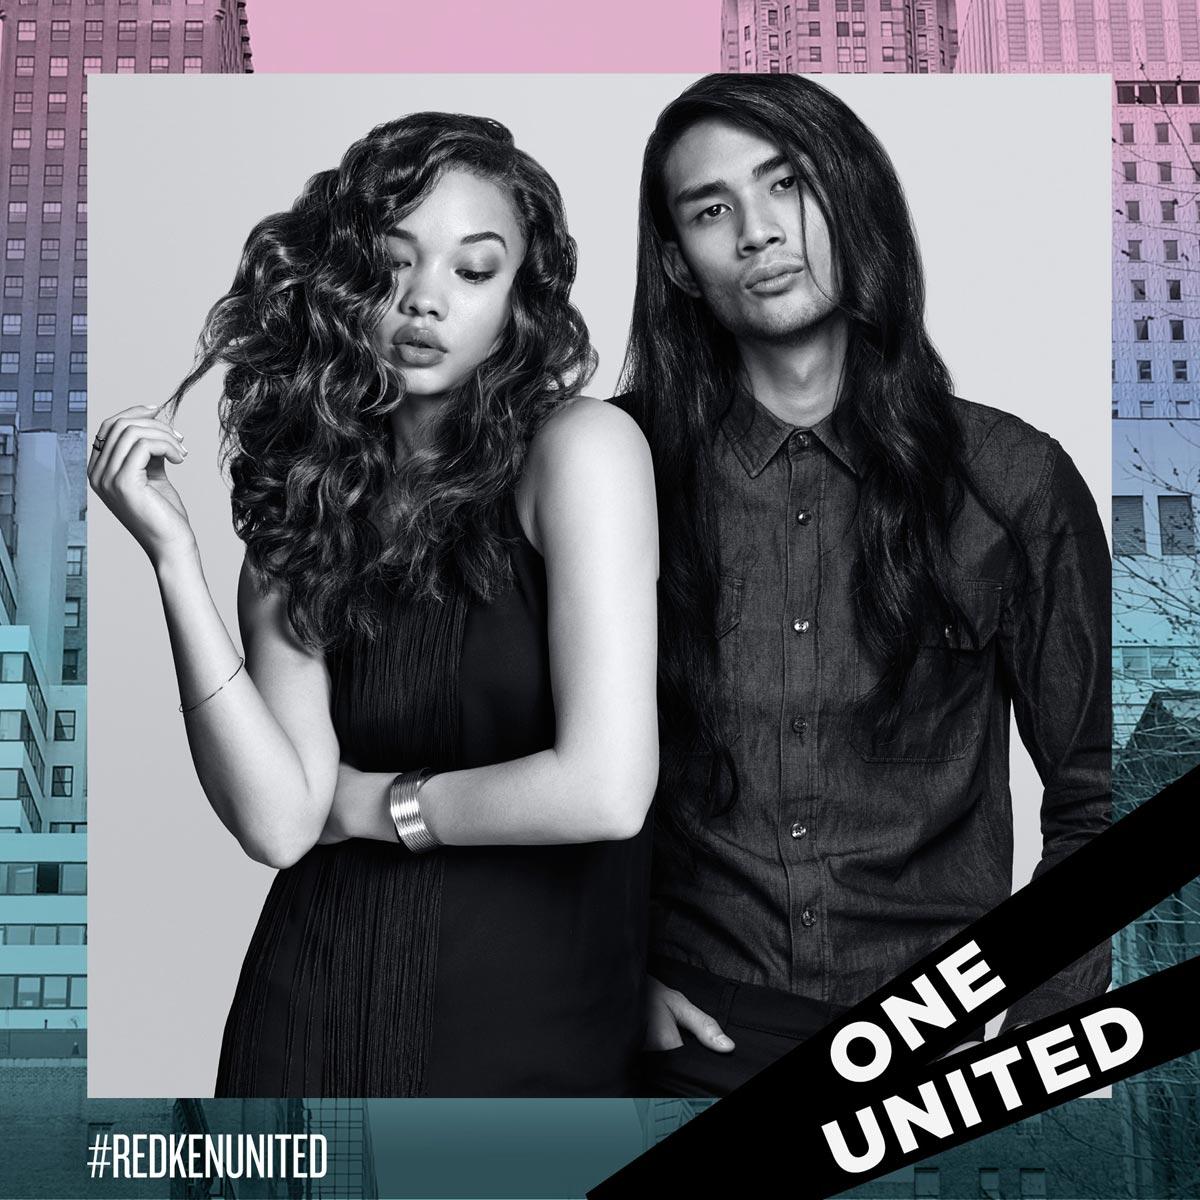 Pečující sprej One Unidted od Redken nabízí krásné vlasy bez rozdílu typu vlasů.